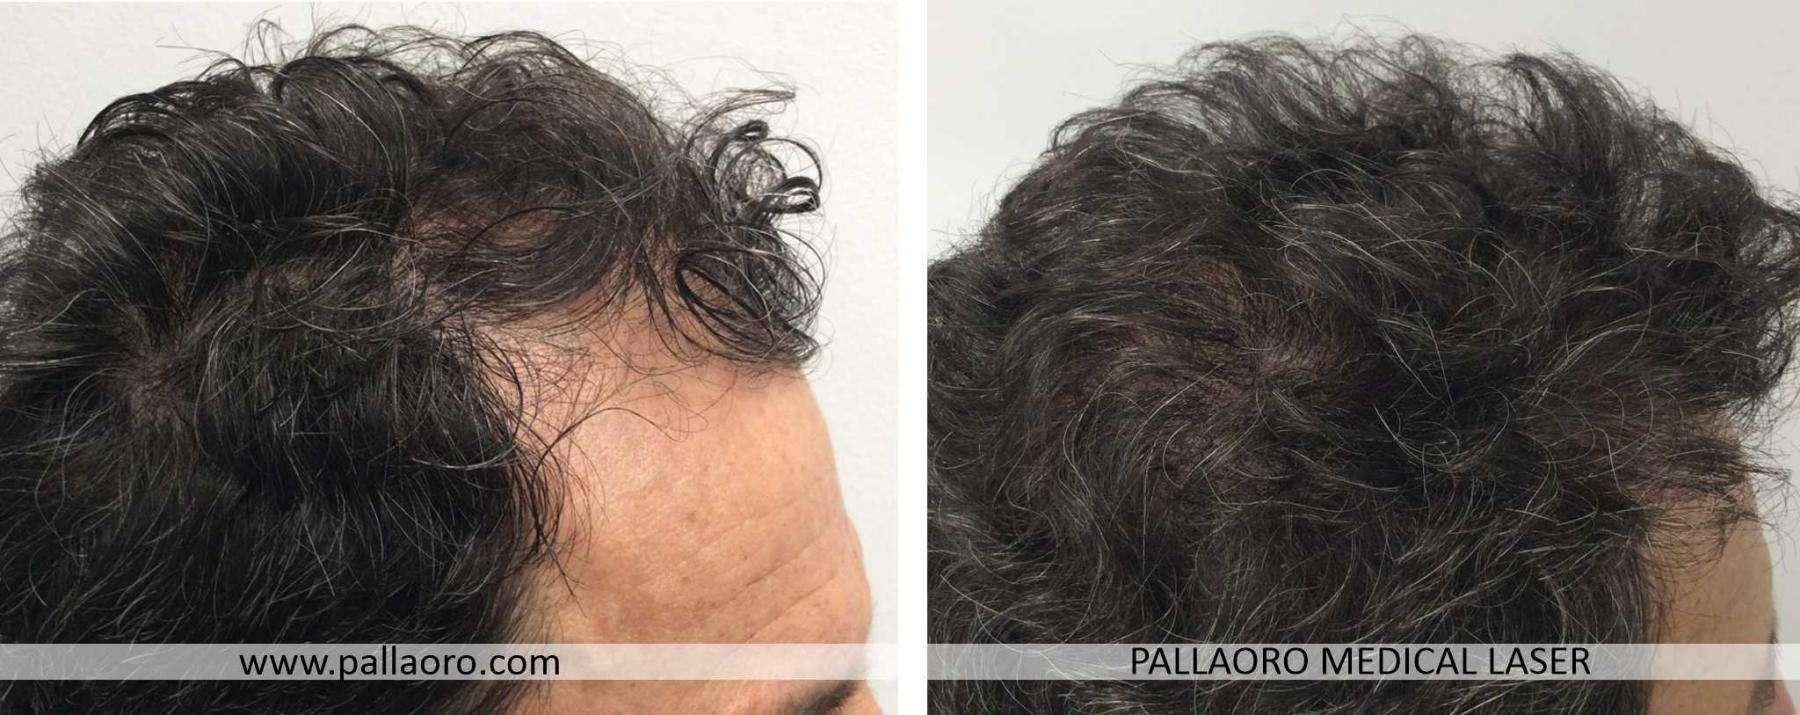 trapianto capelli 2021 07 b